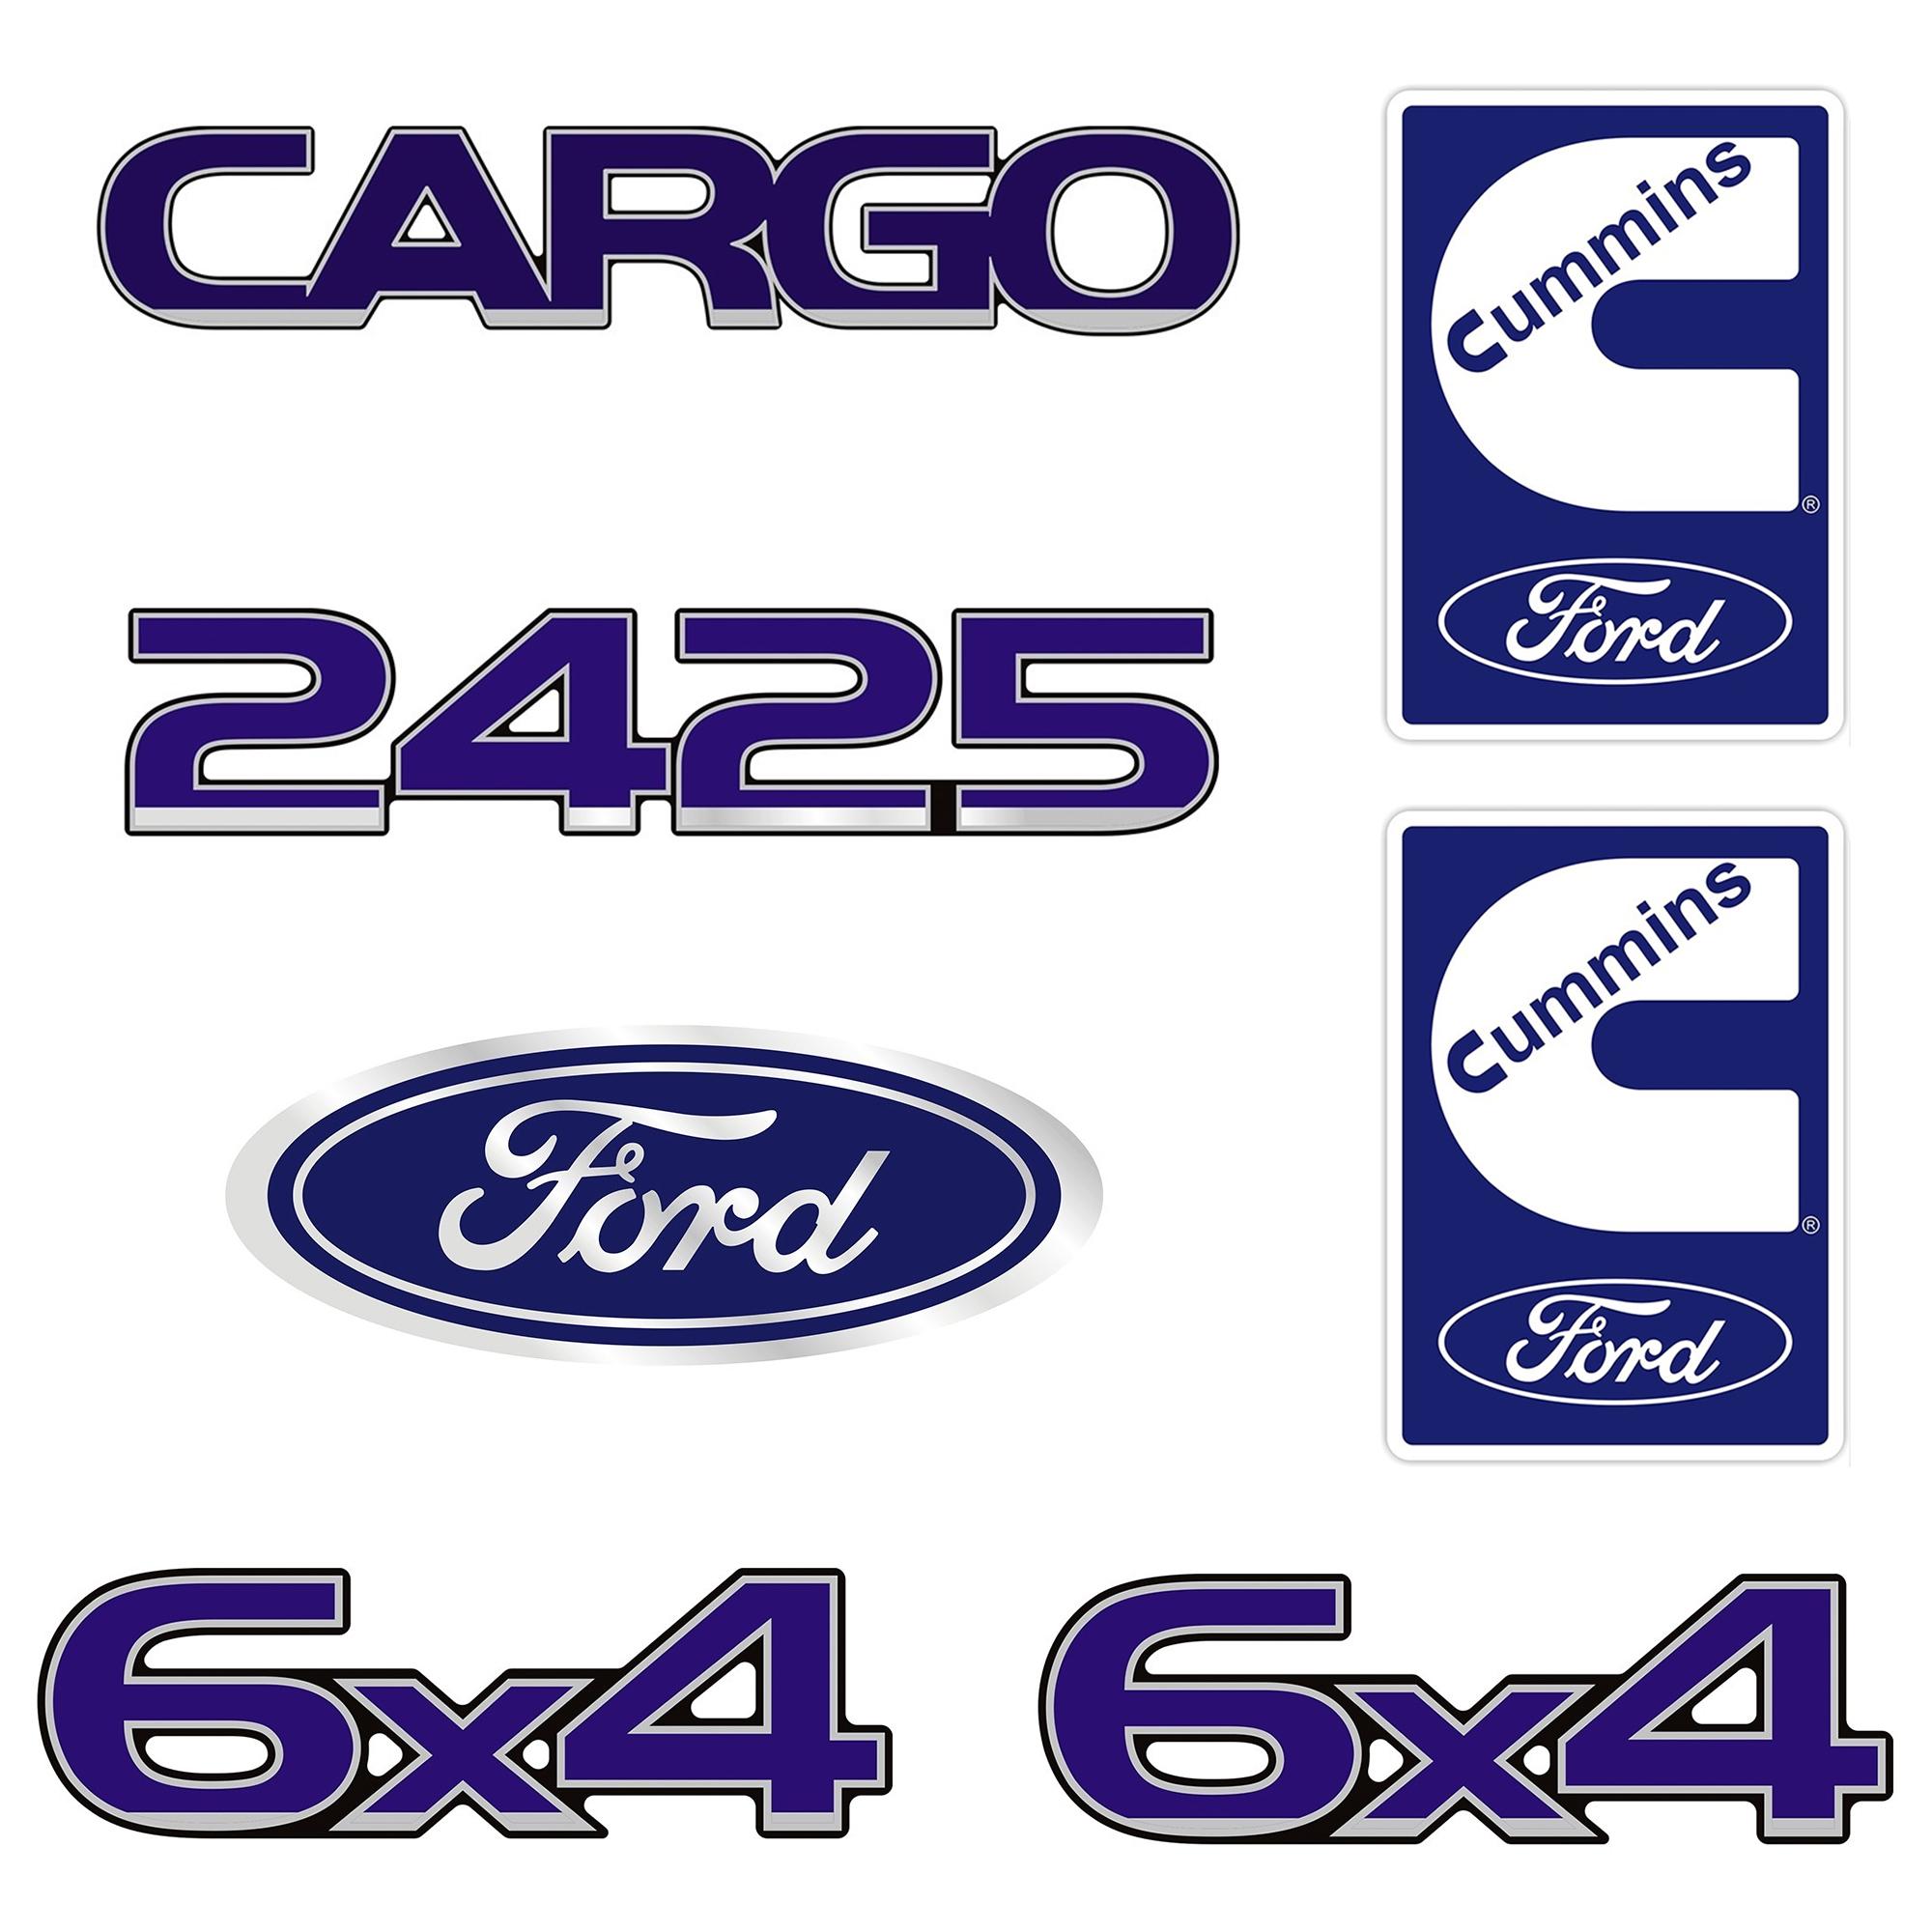 Emblema Ford Cargo 2425 6X4 Cummins - Kit